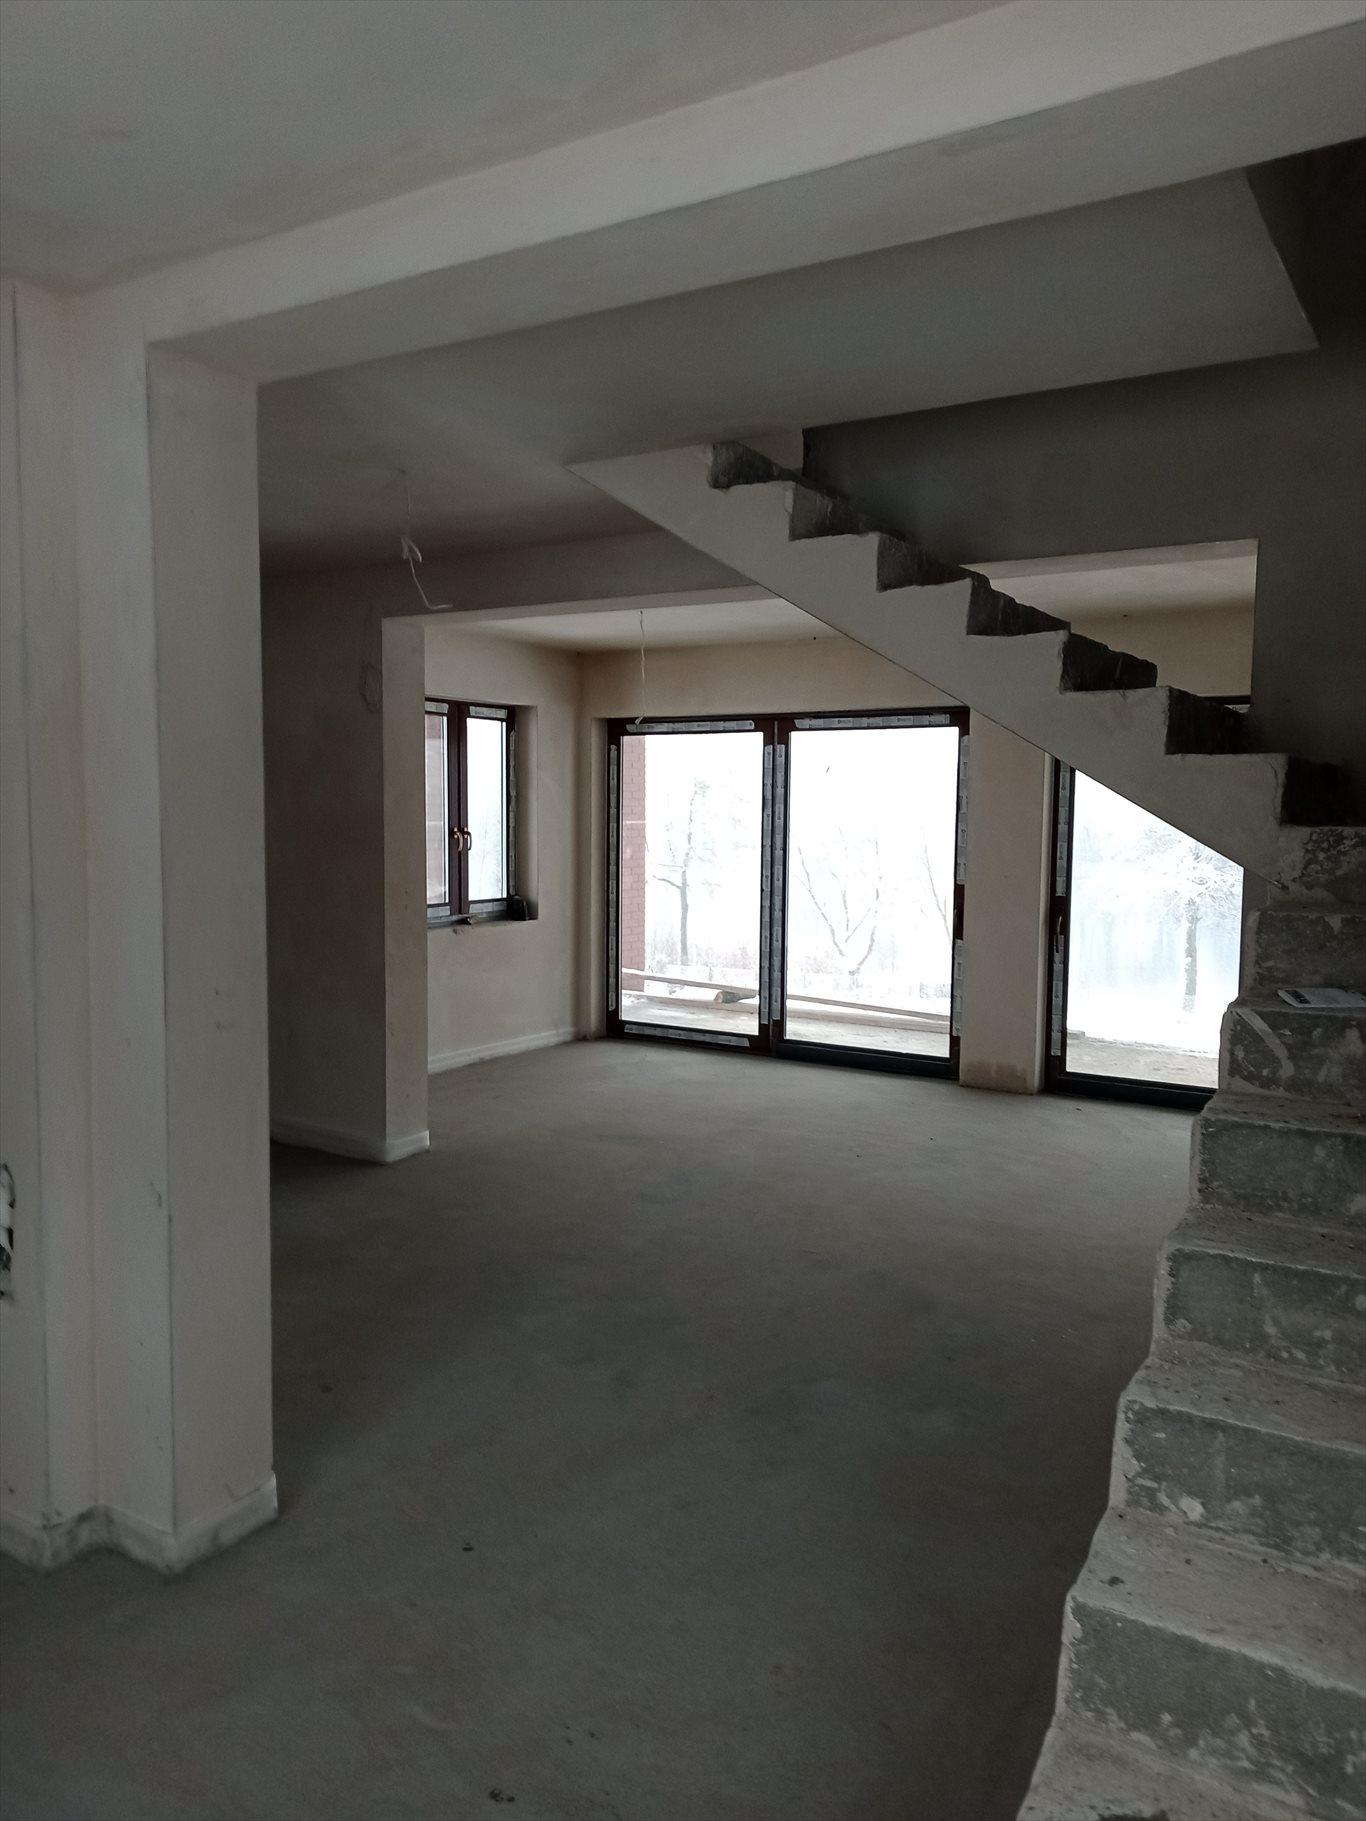 Dom na sprzedaż hornòwek, Hornòwek  180m2 Foto 2